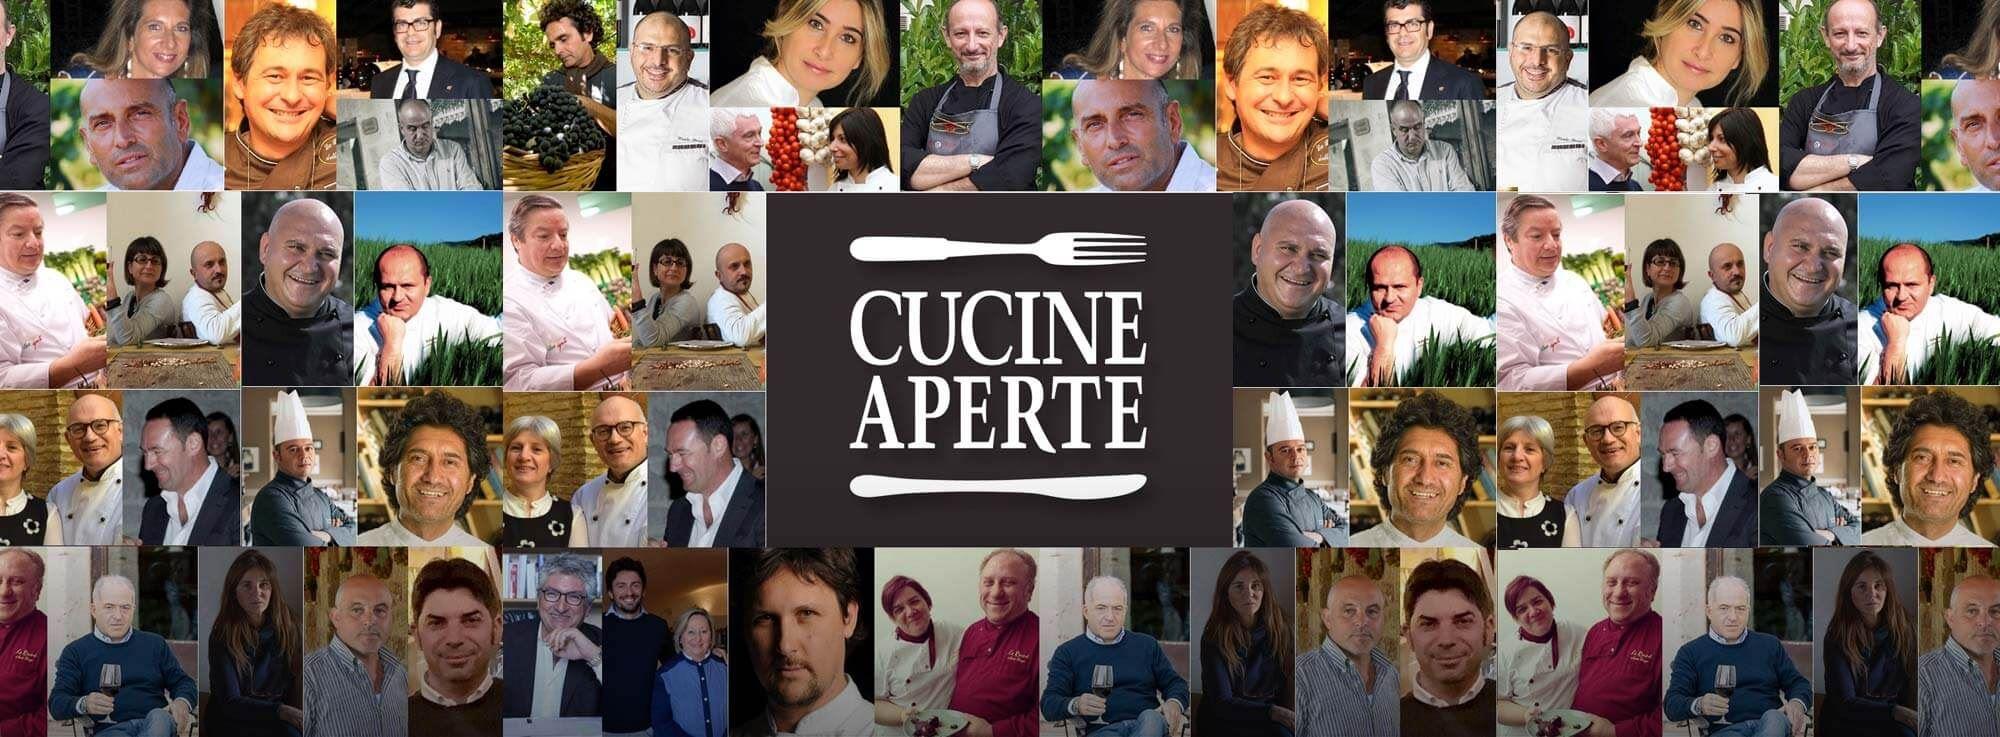 Puglia: Cucine aperte in Puglia